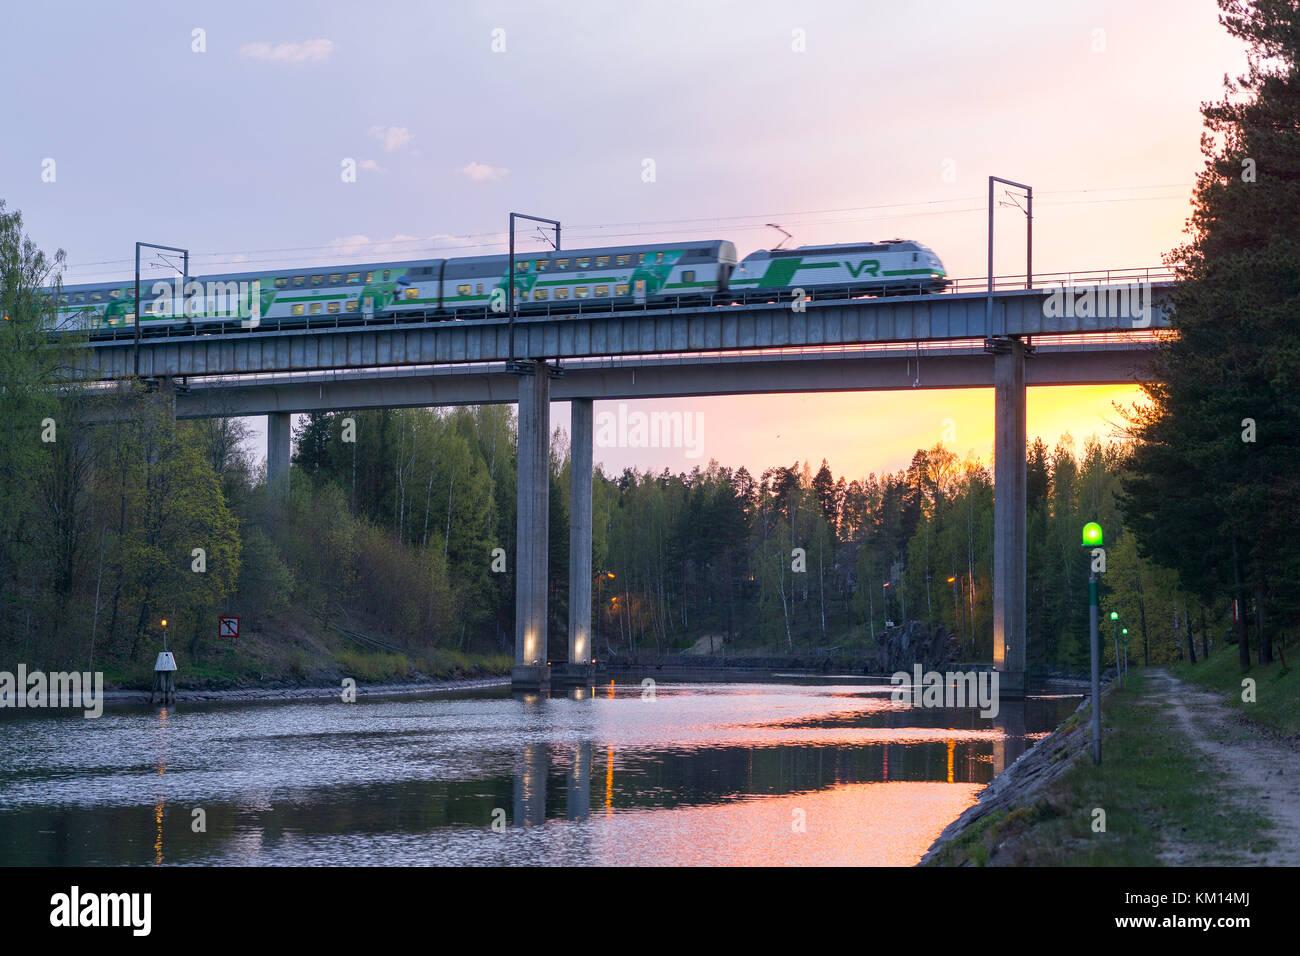 Juna ylittää saimaan kanavan sillan auringonlaskussa - Stock Image